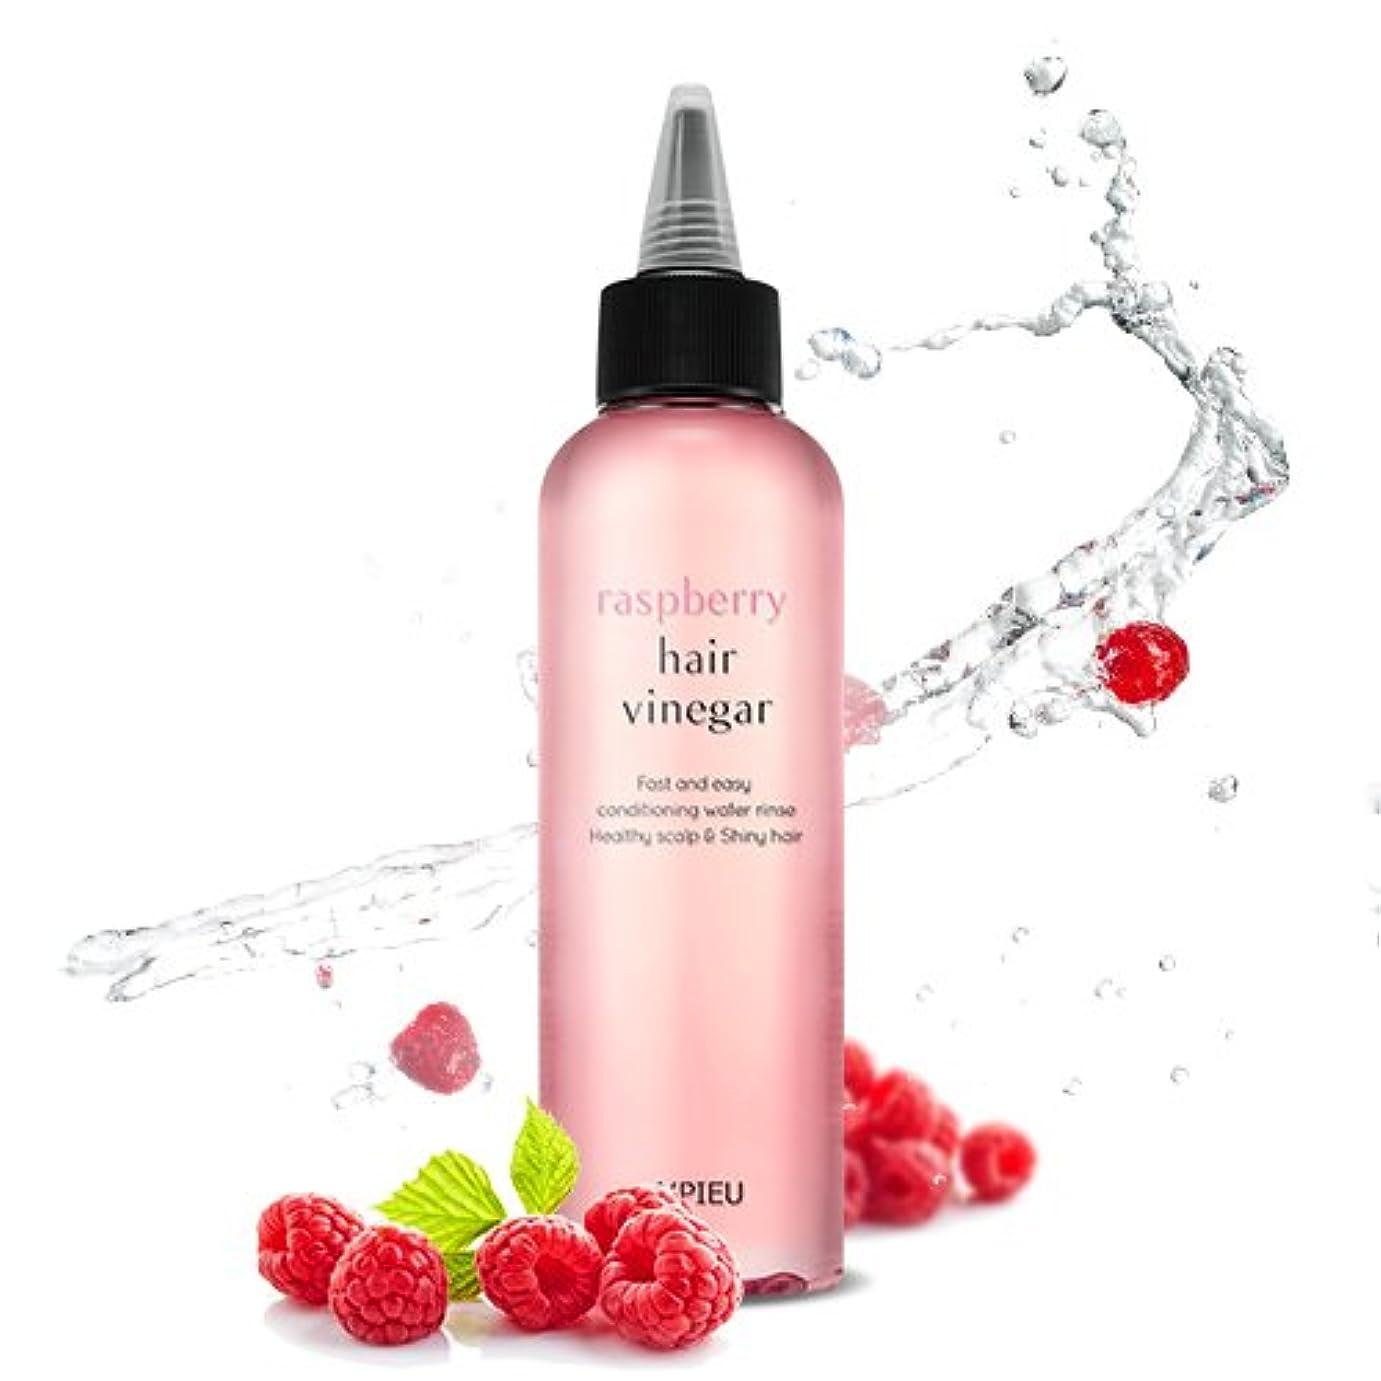 闇メンテナンス測定APIEU Raspberry Hair Vinegar / [アピュ/オピュ] ラズベリーヘアビネガー 200ml [並行輸入品]